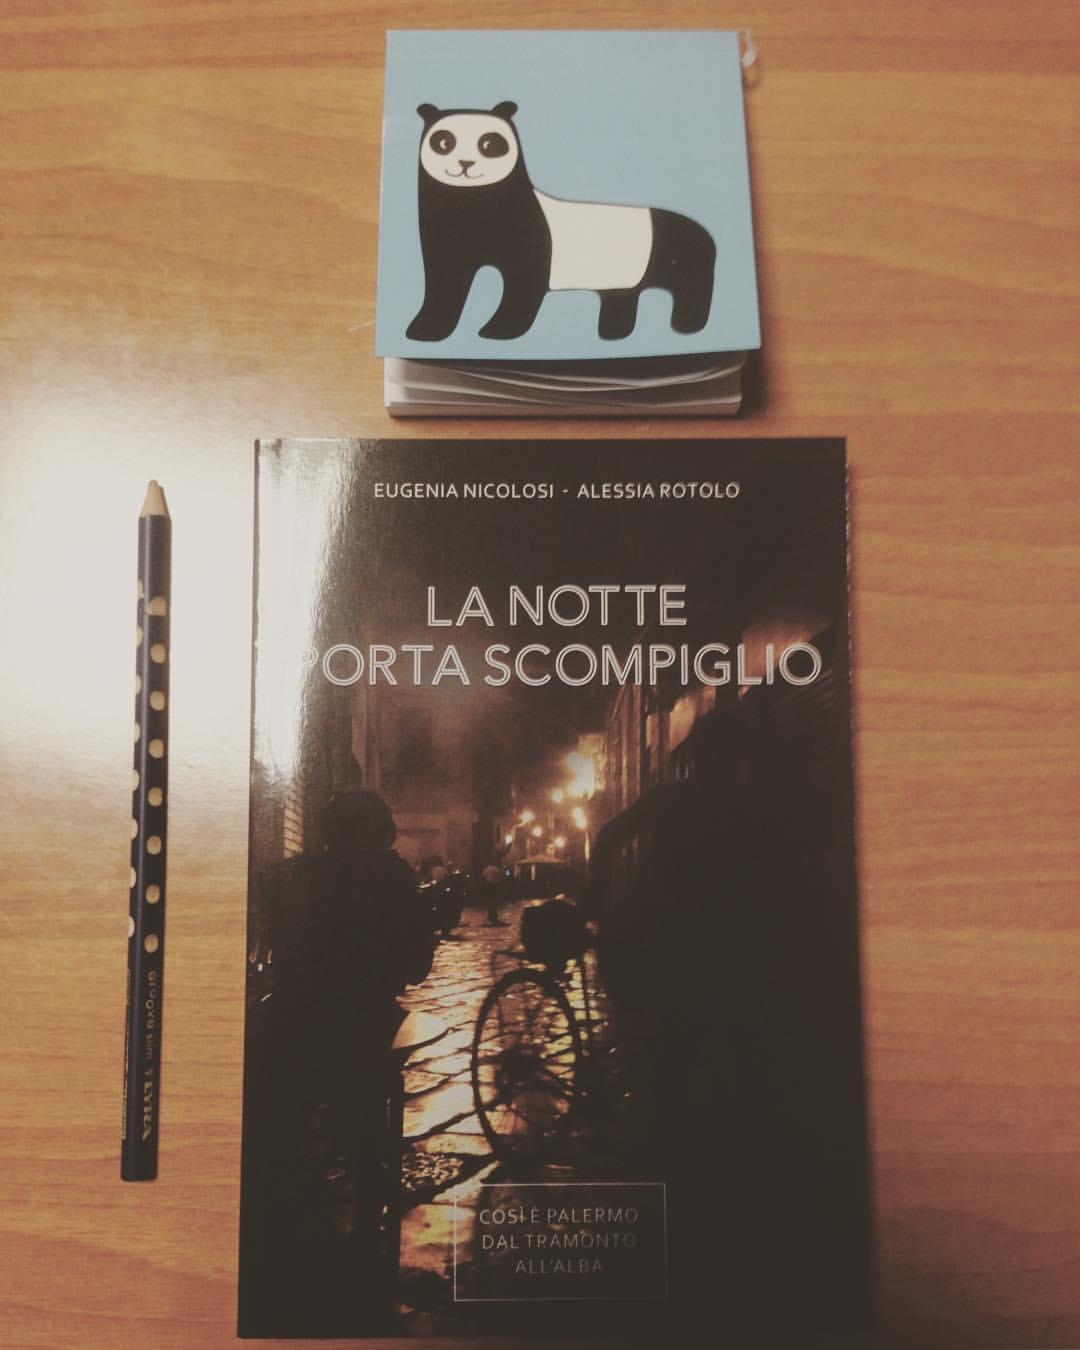 La Notte porta scompiglio di Eugenia Nicolosi e Alessia Rotolo